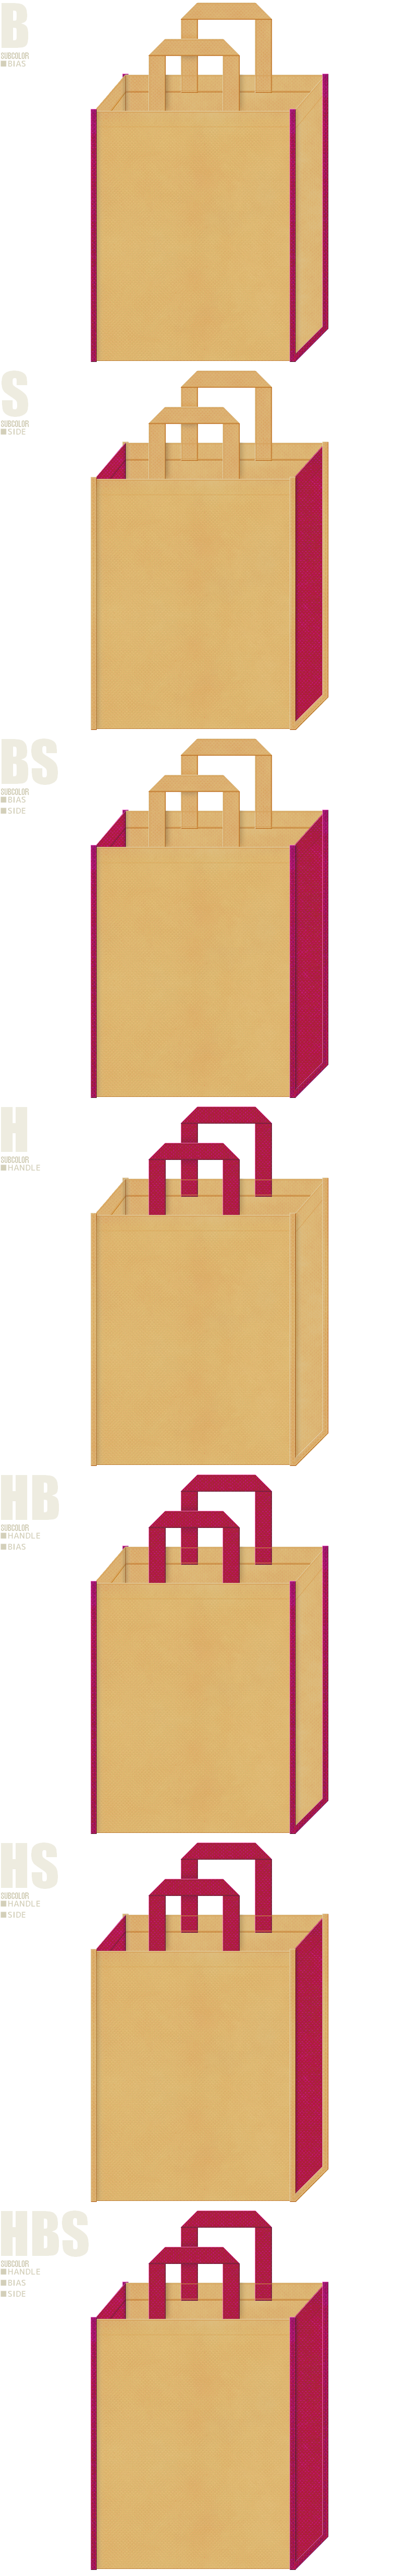 ゲーム・絵本・おとぎ話・お菓子の家・プリンセス・テーマパーク・さつまいも・手芸・ぬいぐるみ・ベアー・子犬・南国・トロピカル・カクテル・トラベルバッグ・リゾートのショッピングバッグにお奨めの不織布バッグデザイン:薄黄土色と濃いピンク色の配色7パターン